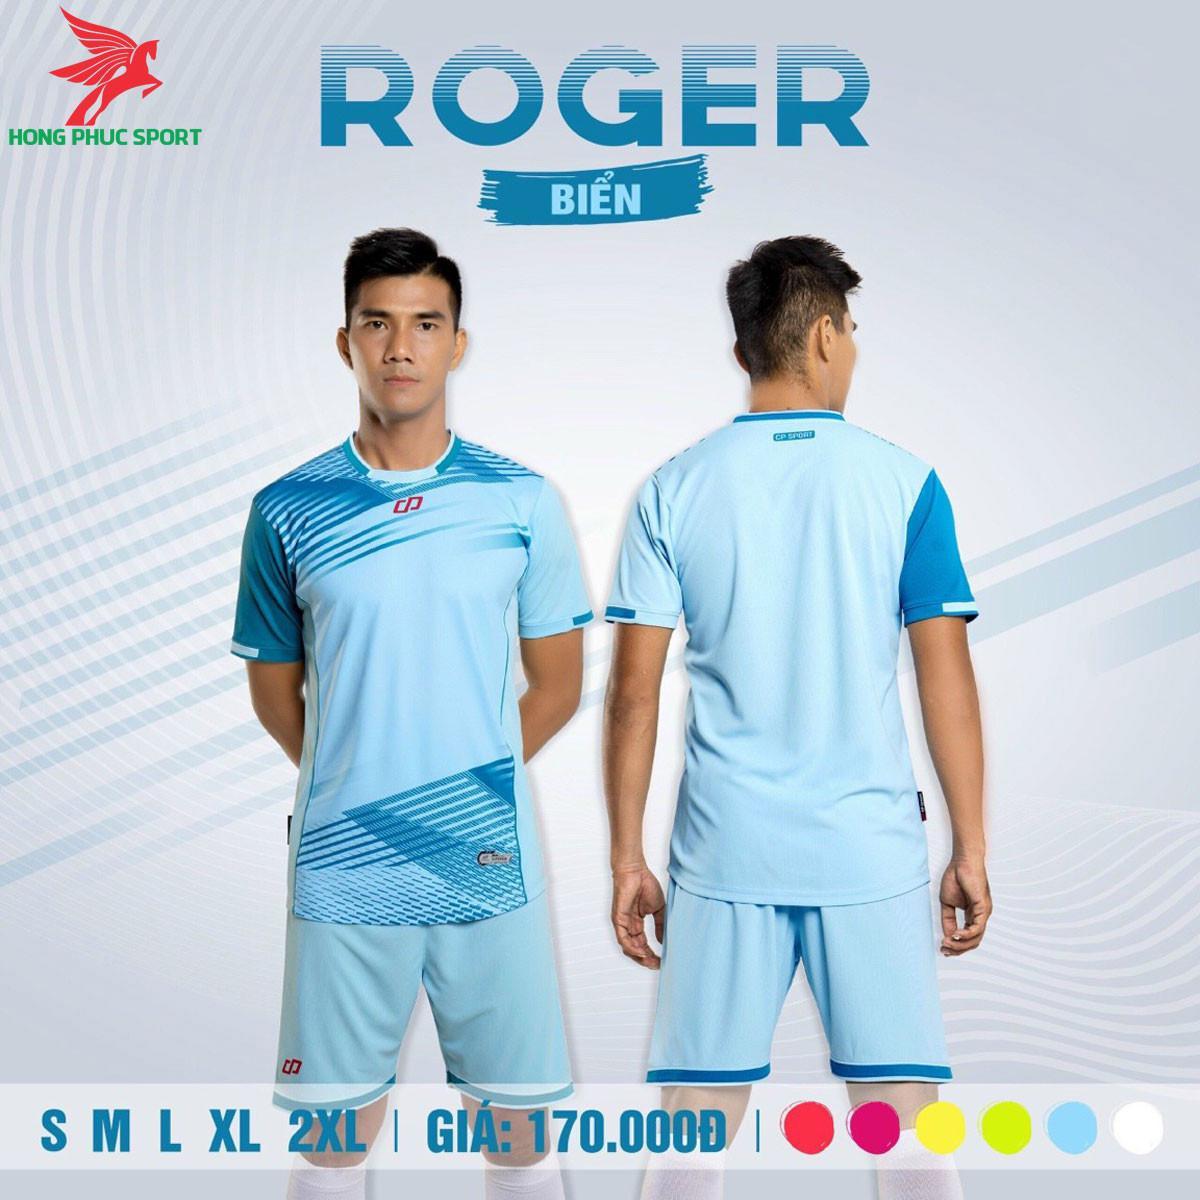 Áo đá banh không logo CP ROGER 2021 màu Xanh biển